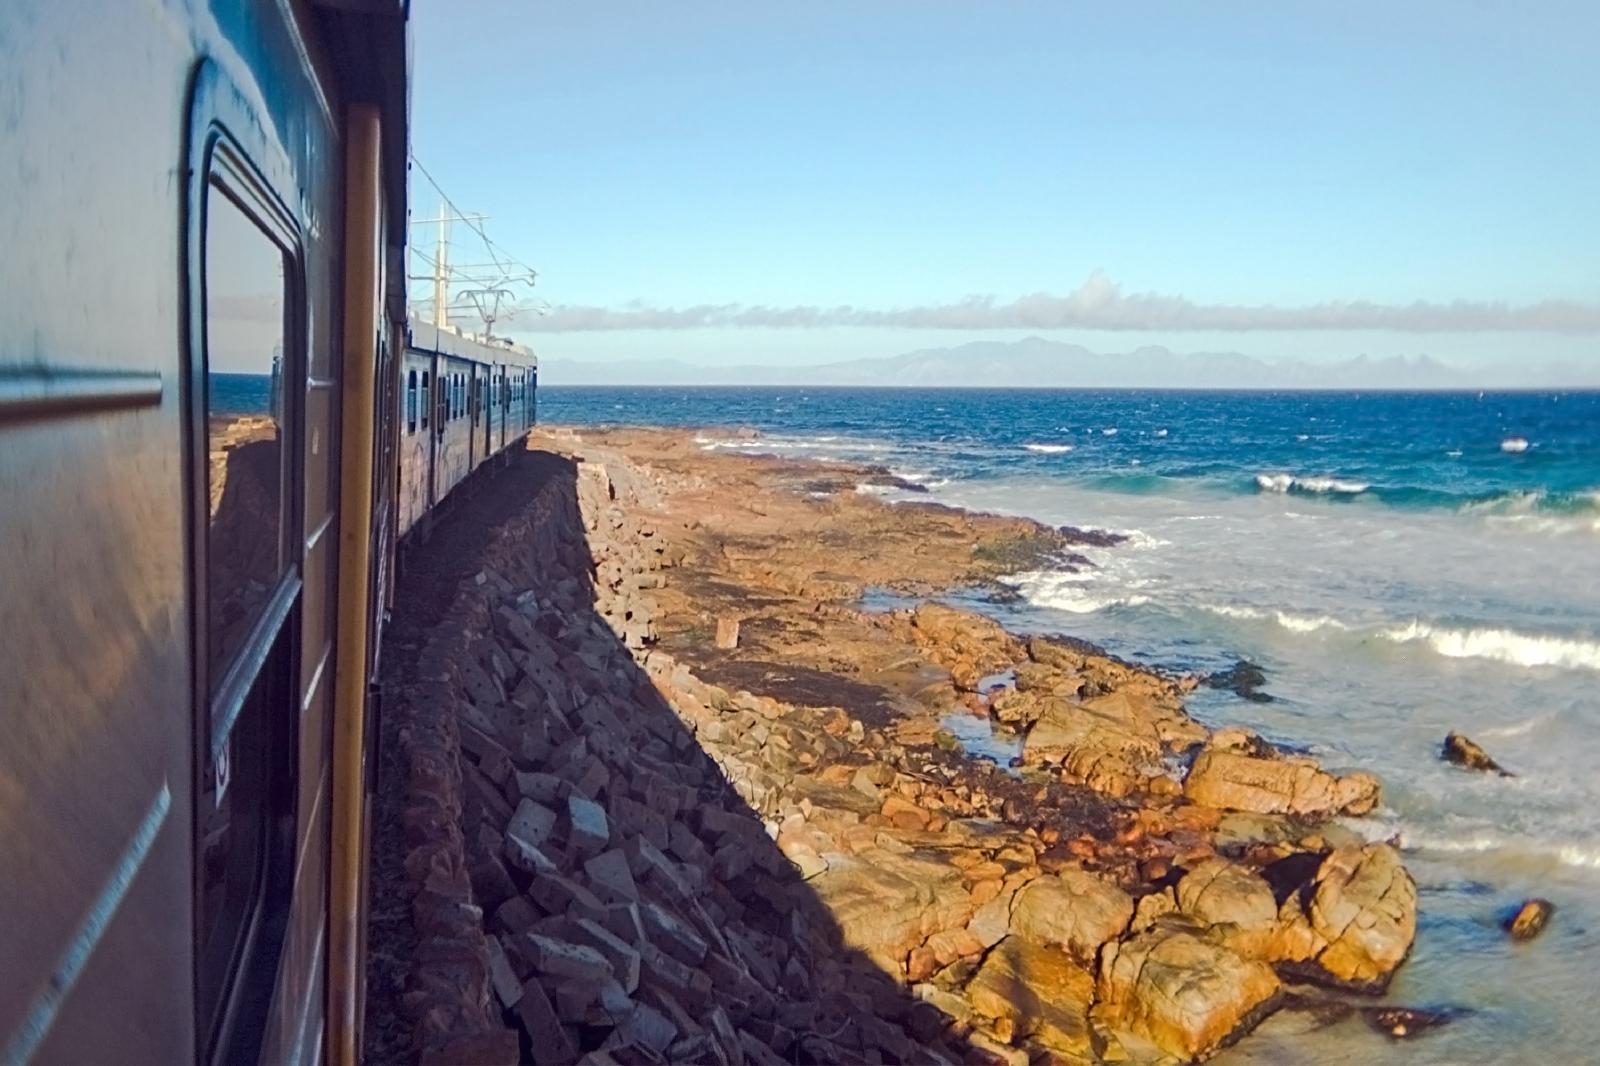 インド洋を眺めながら走る鉄道 南アフリカの鉄道風景